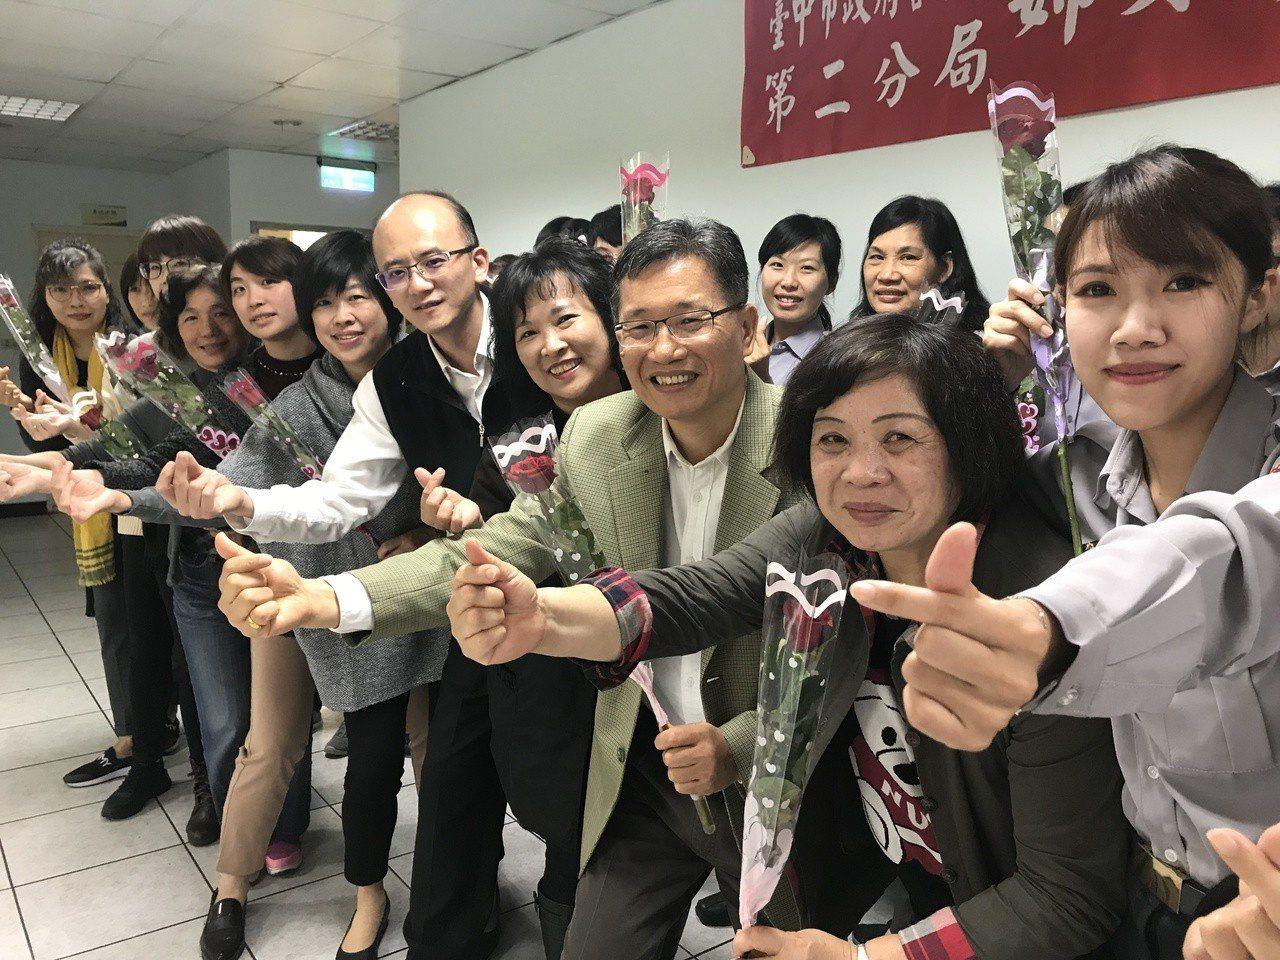 台中市警局第二分局今天中午舉辦三八婦女節餐會,分局長高誌良(右三)一身西裝帥氣出...